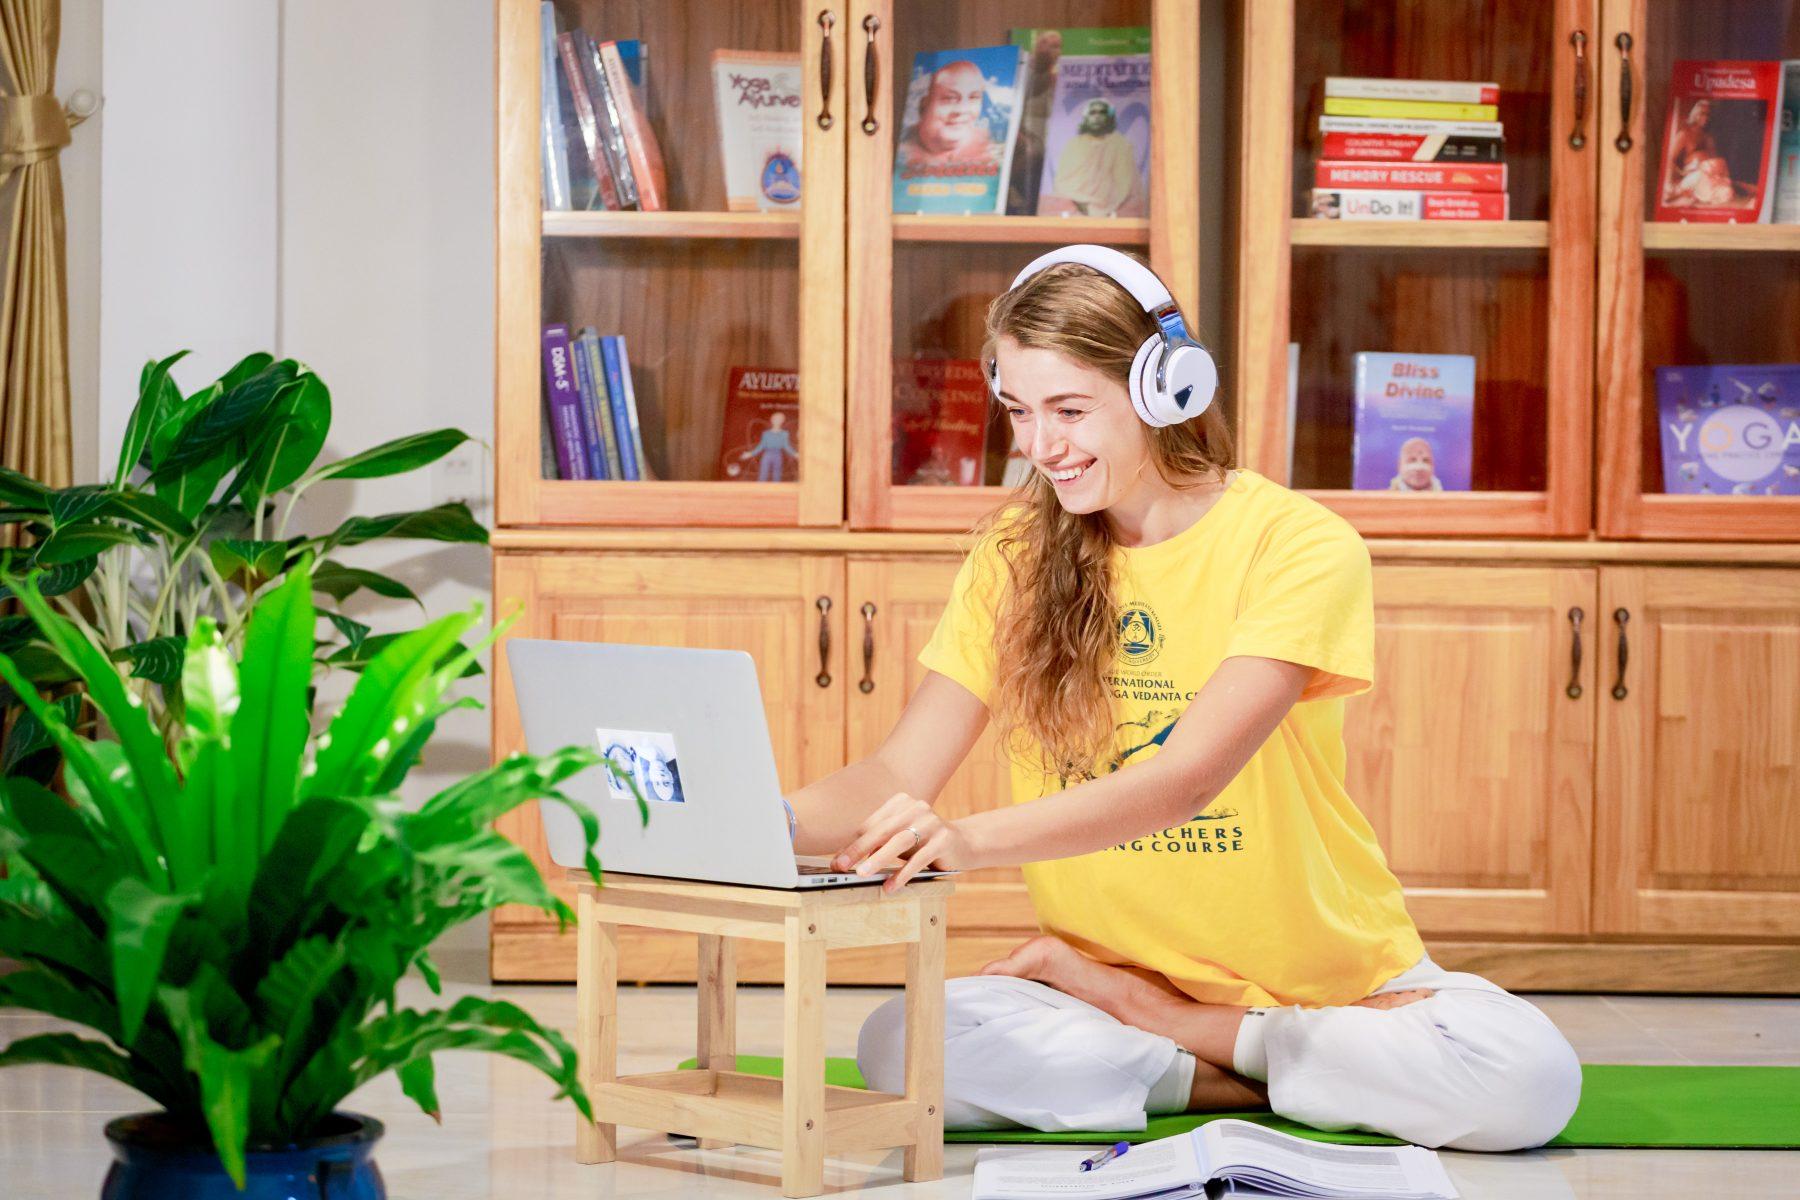 sivananda yoga teacher training online